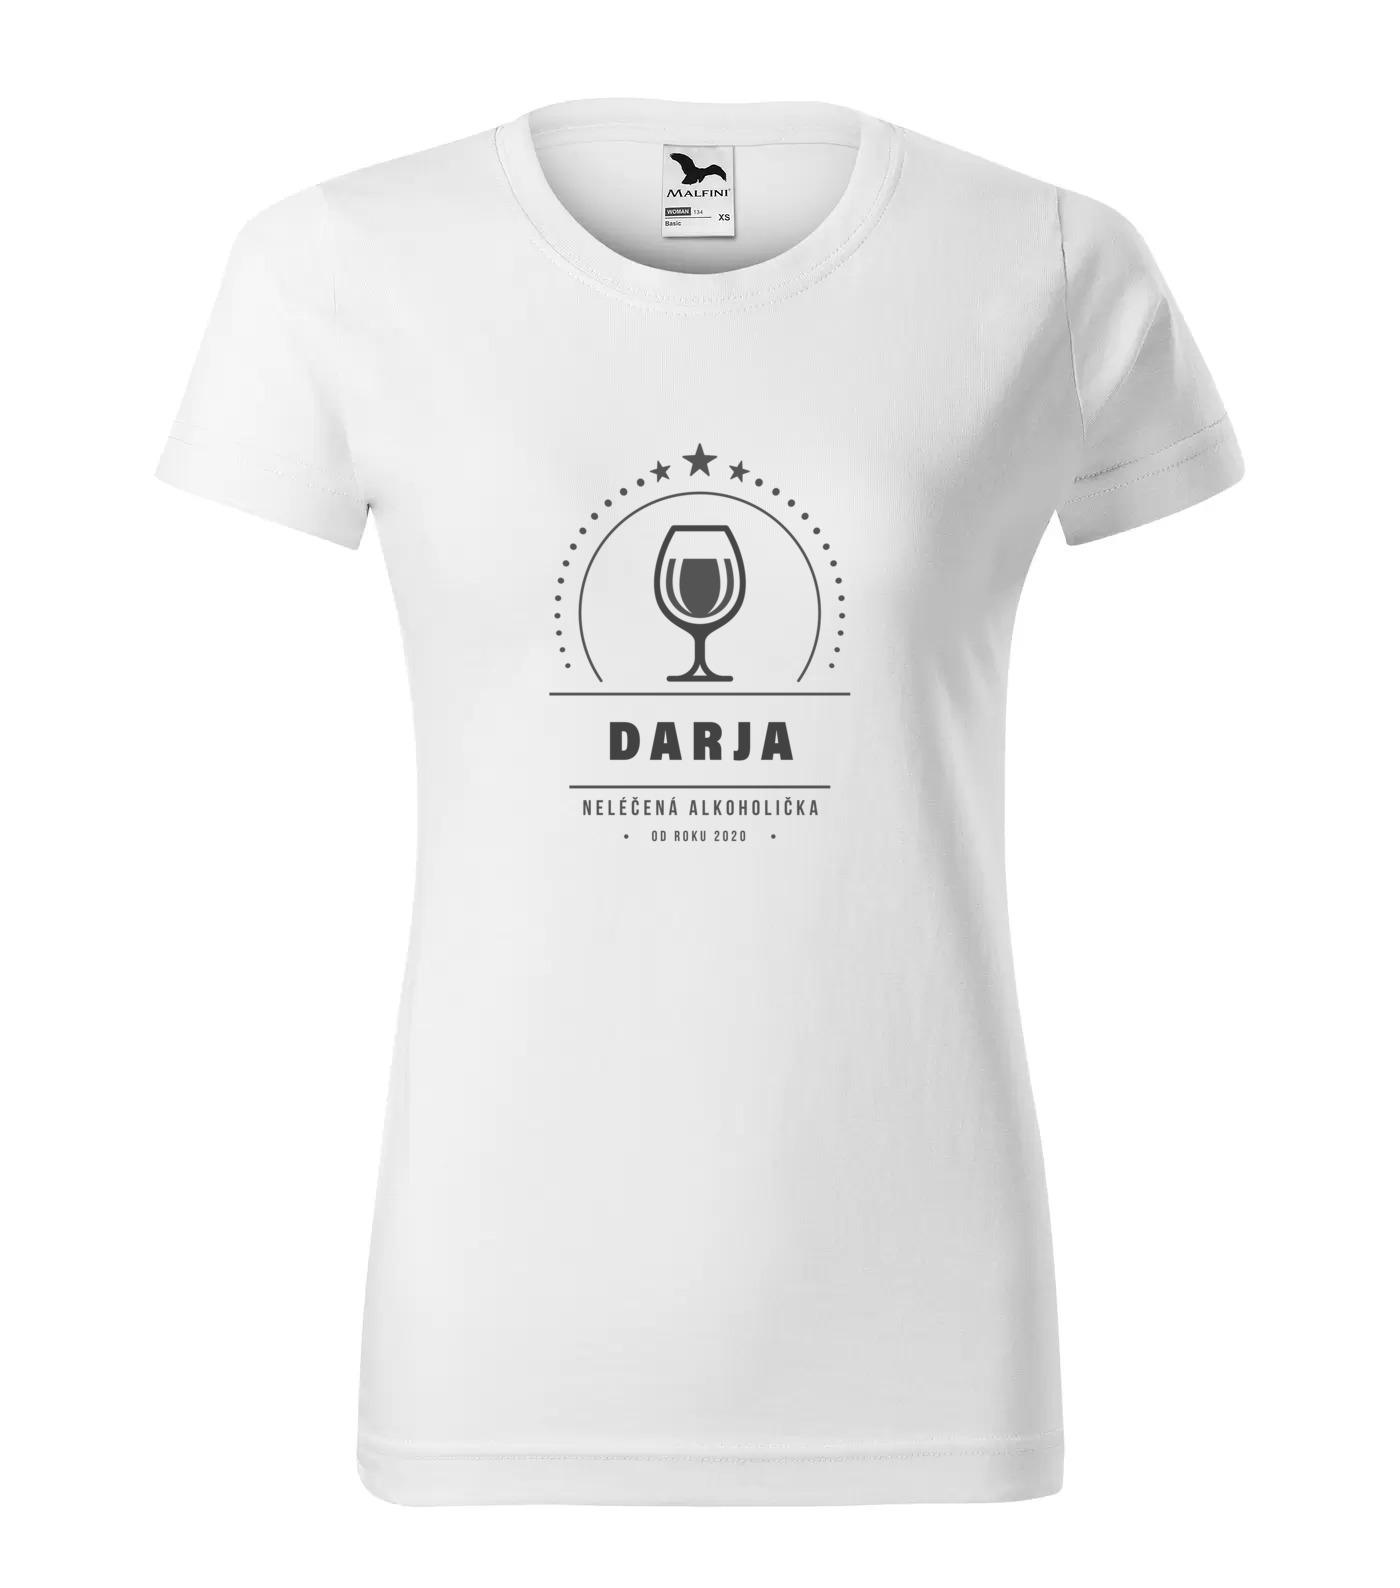 Tričko Alkoholička Darja